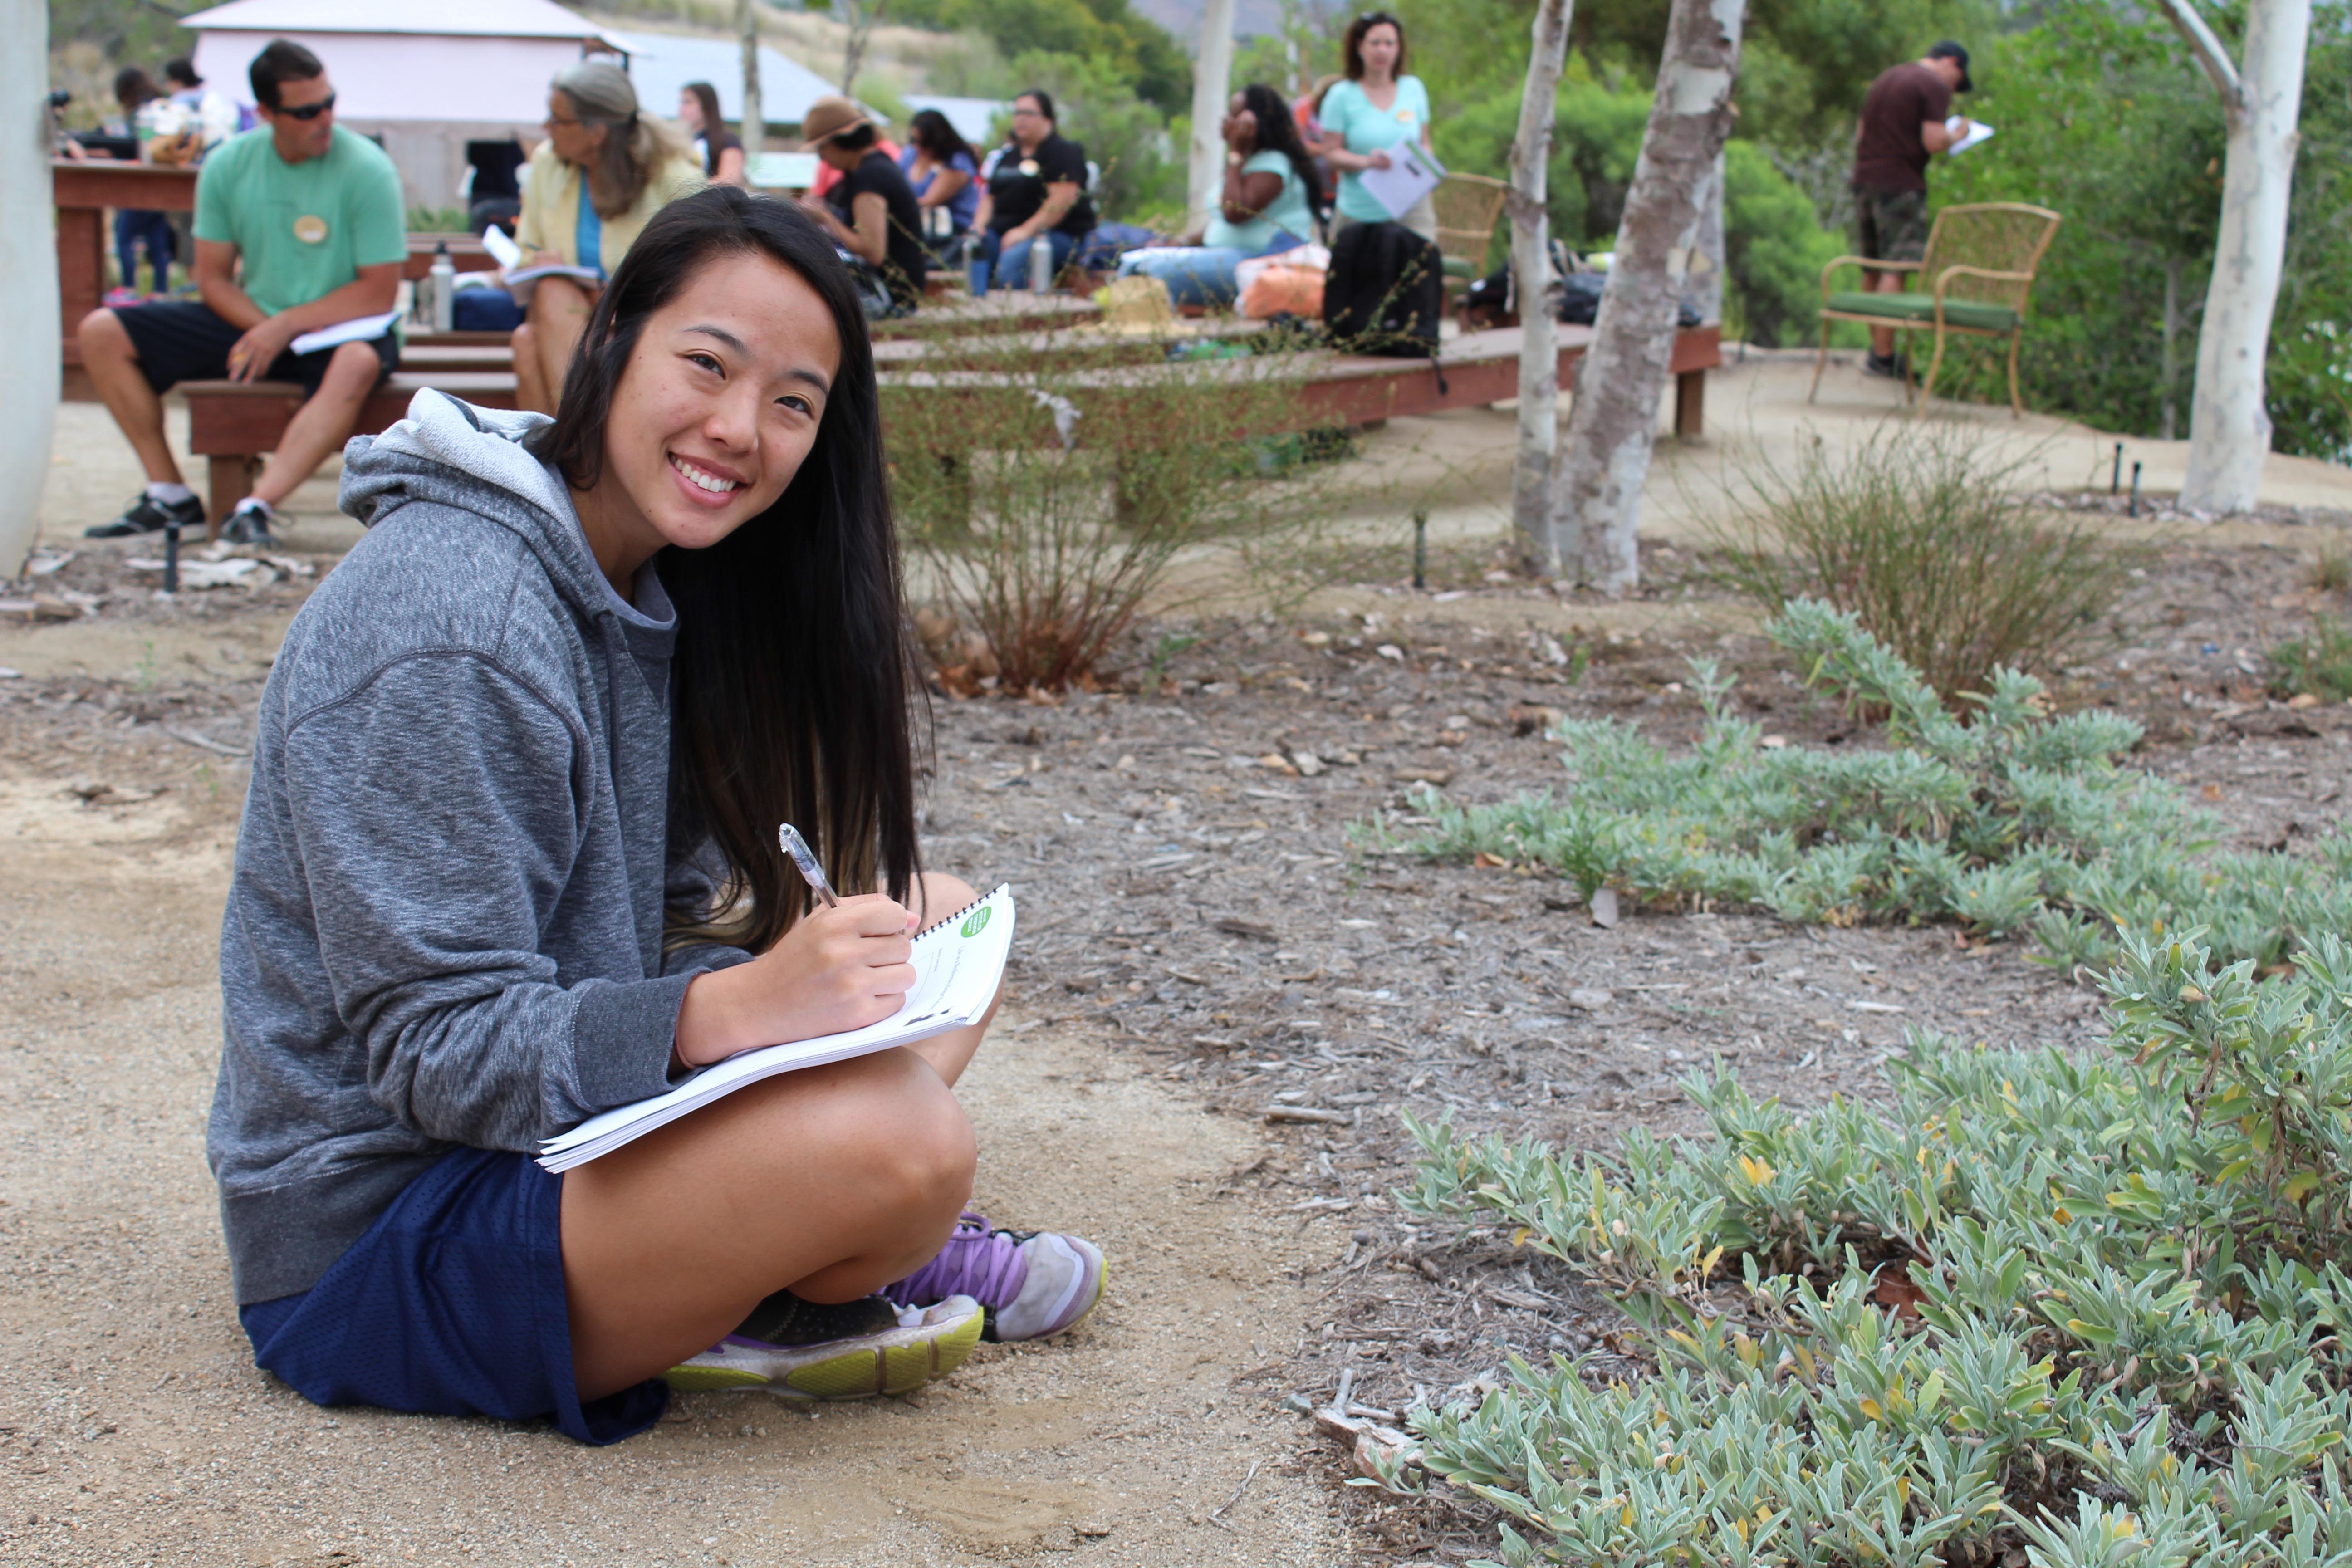 Teacher at San Diego Zoo